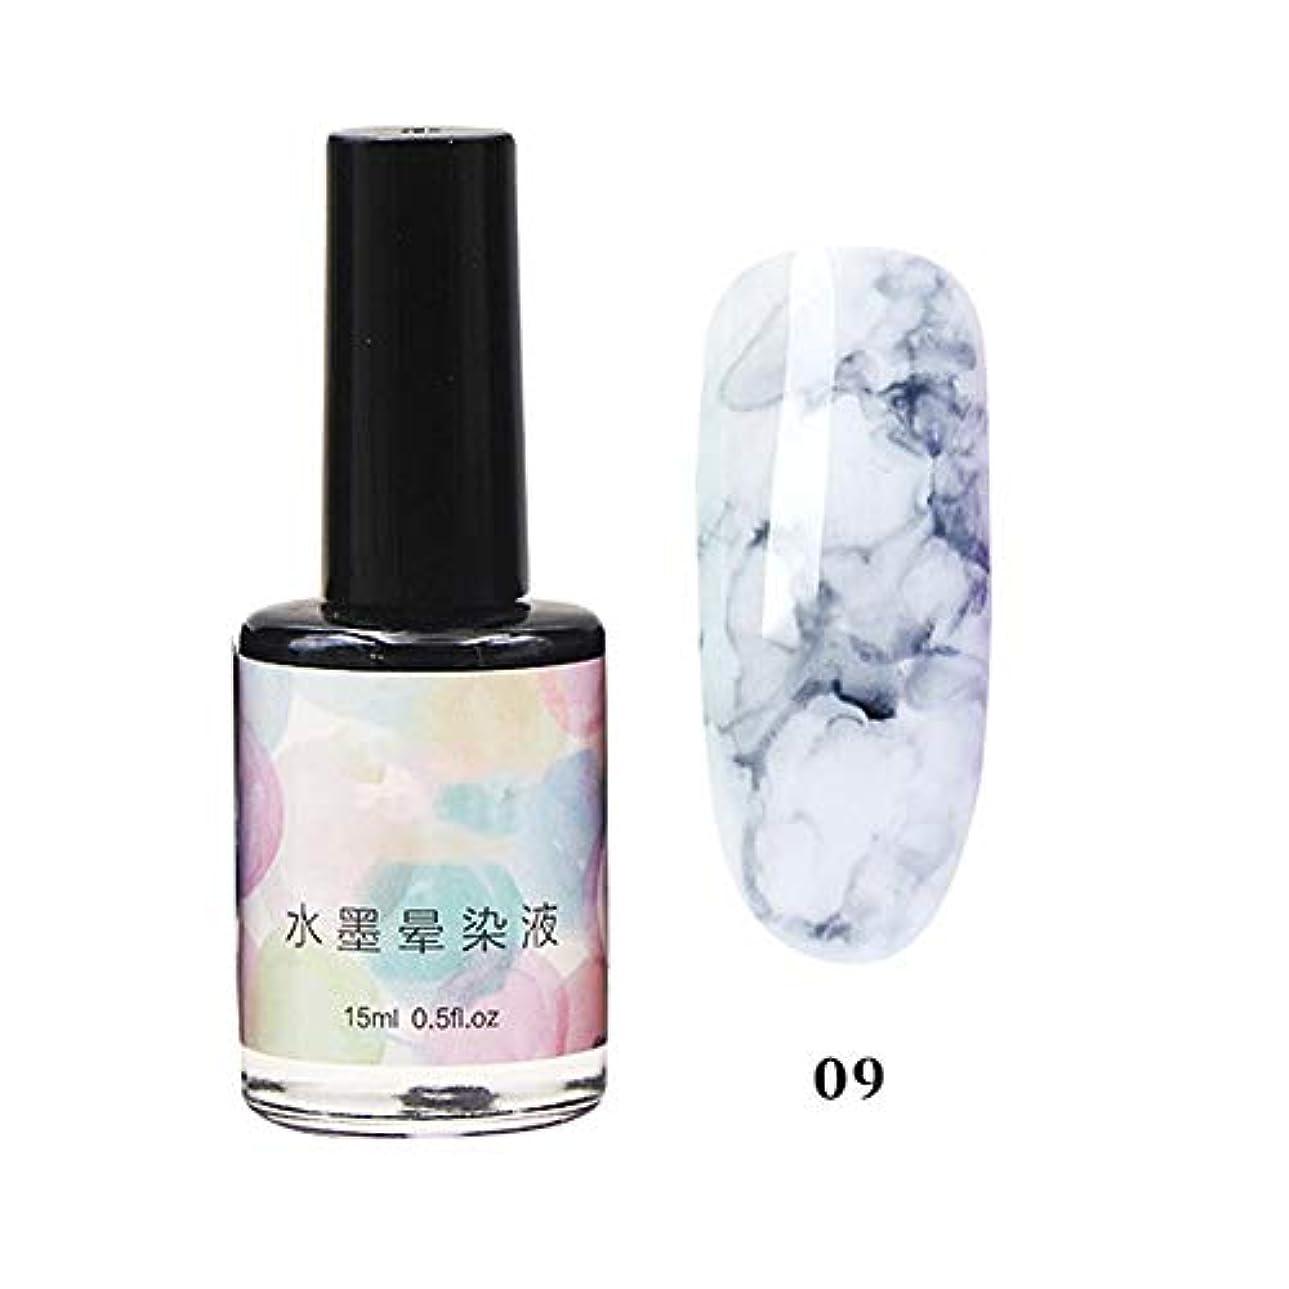 対リーチ誰も11色選べる ネイルポリッシュ マニキュア ネイルアート 美しい 水墨柄 ネイルカラー 液体 爪に塗って乾かす 初心者でも簡単に使用できる junexi